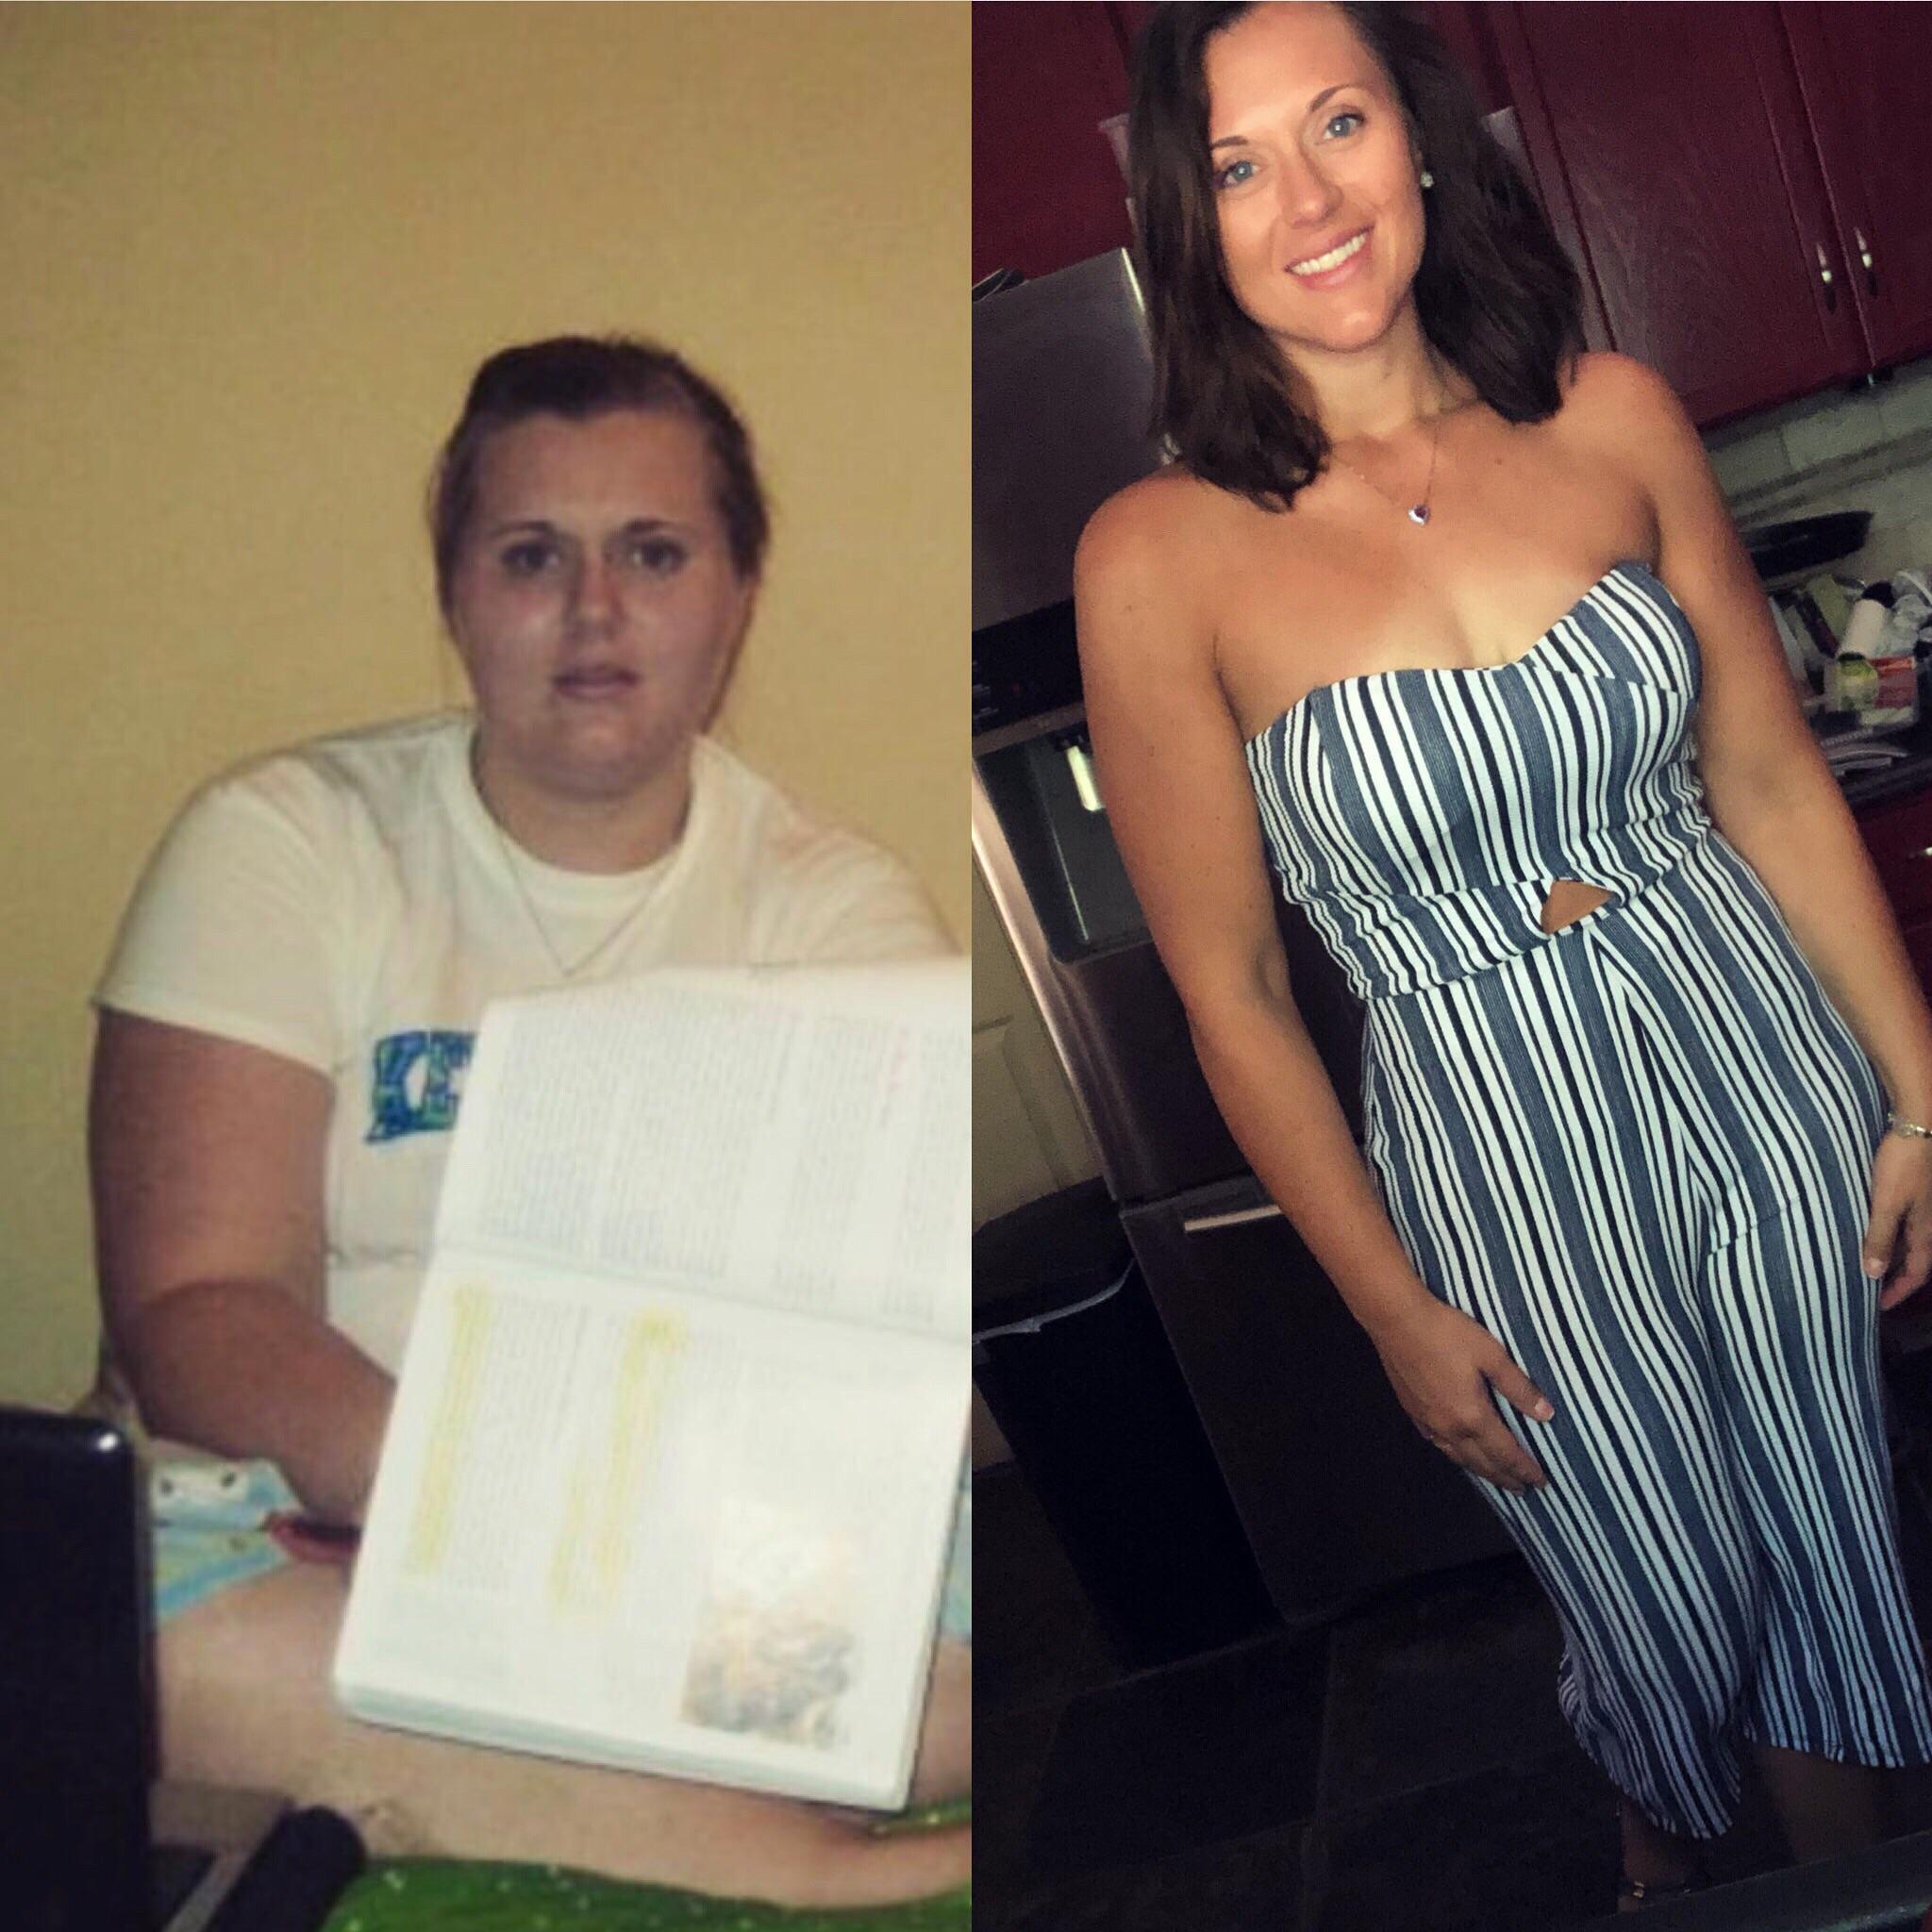 5 feet 11 Female Progress Pics of 110 lbs Fat Loss 315 lbs to 205 lbs